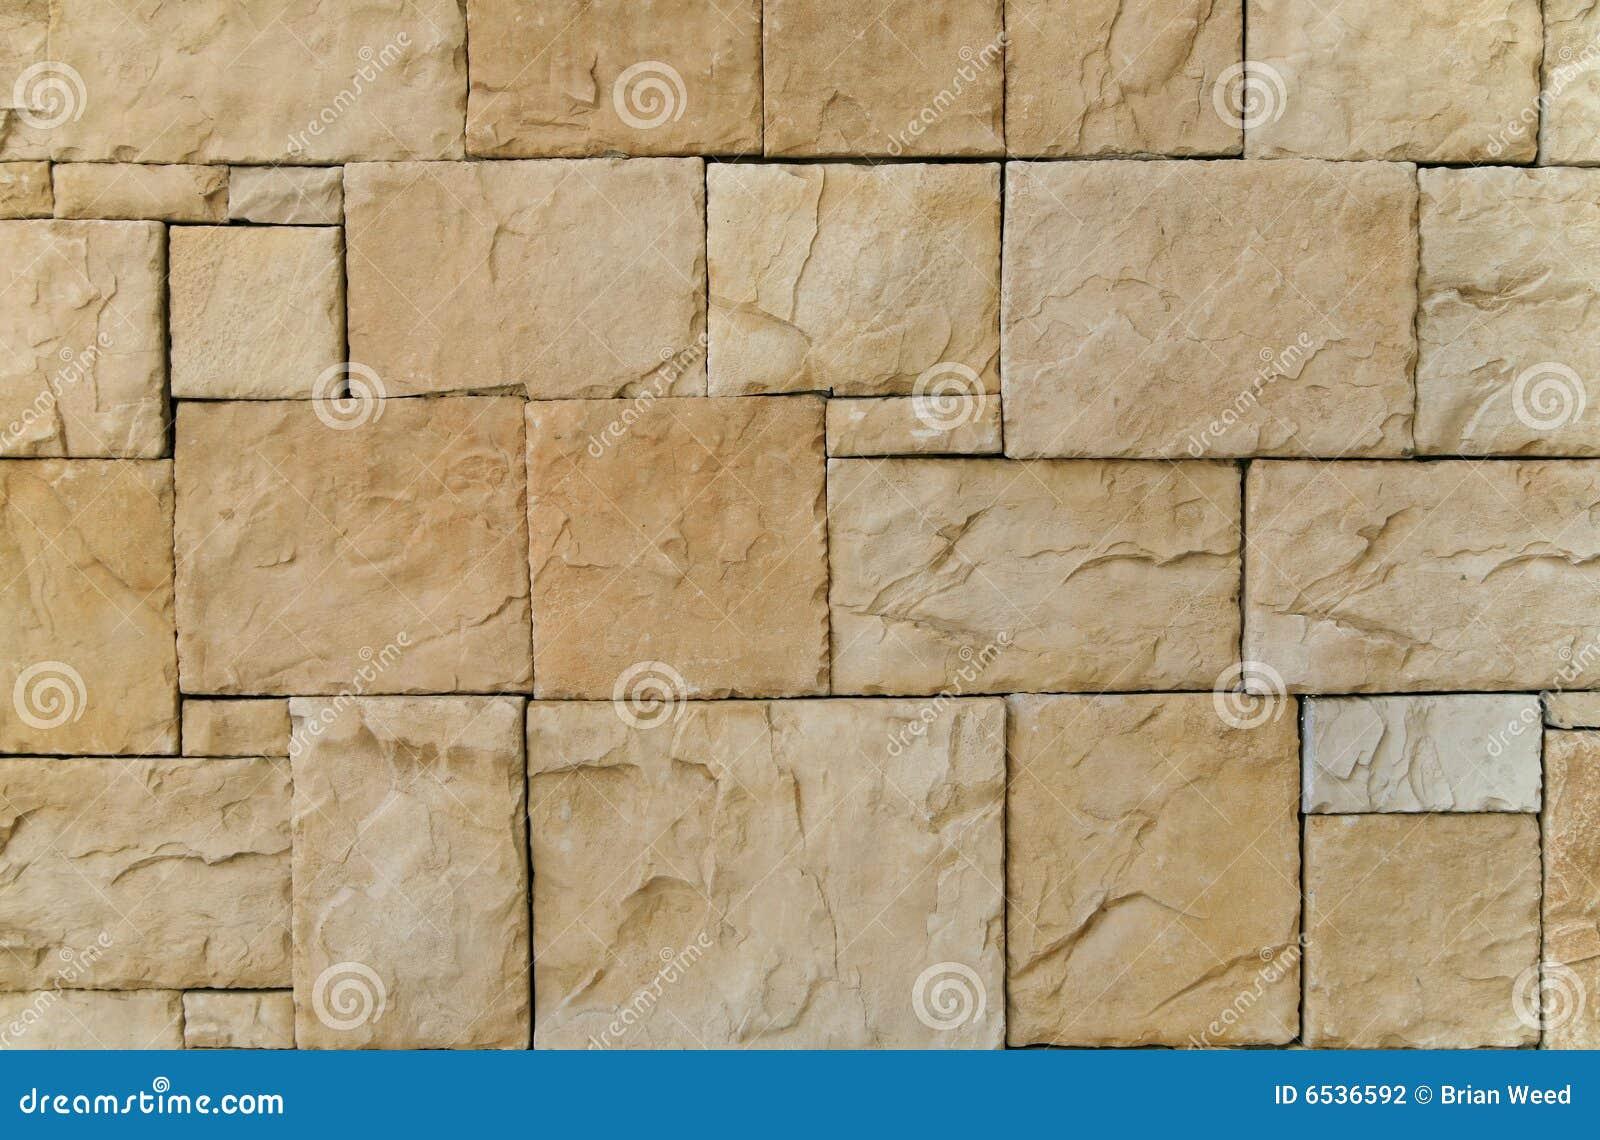 Mosaico de la pared de piedra foto de archivo imagen de for Piedra decorativa para paredes precios